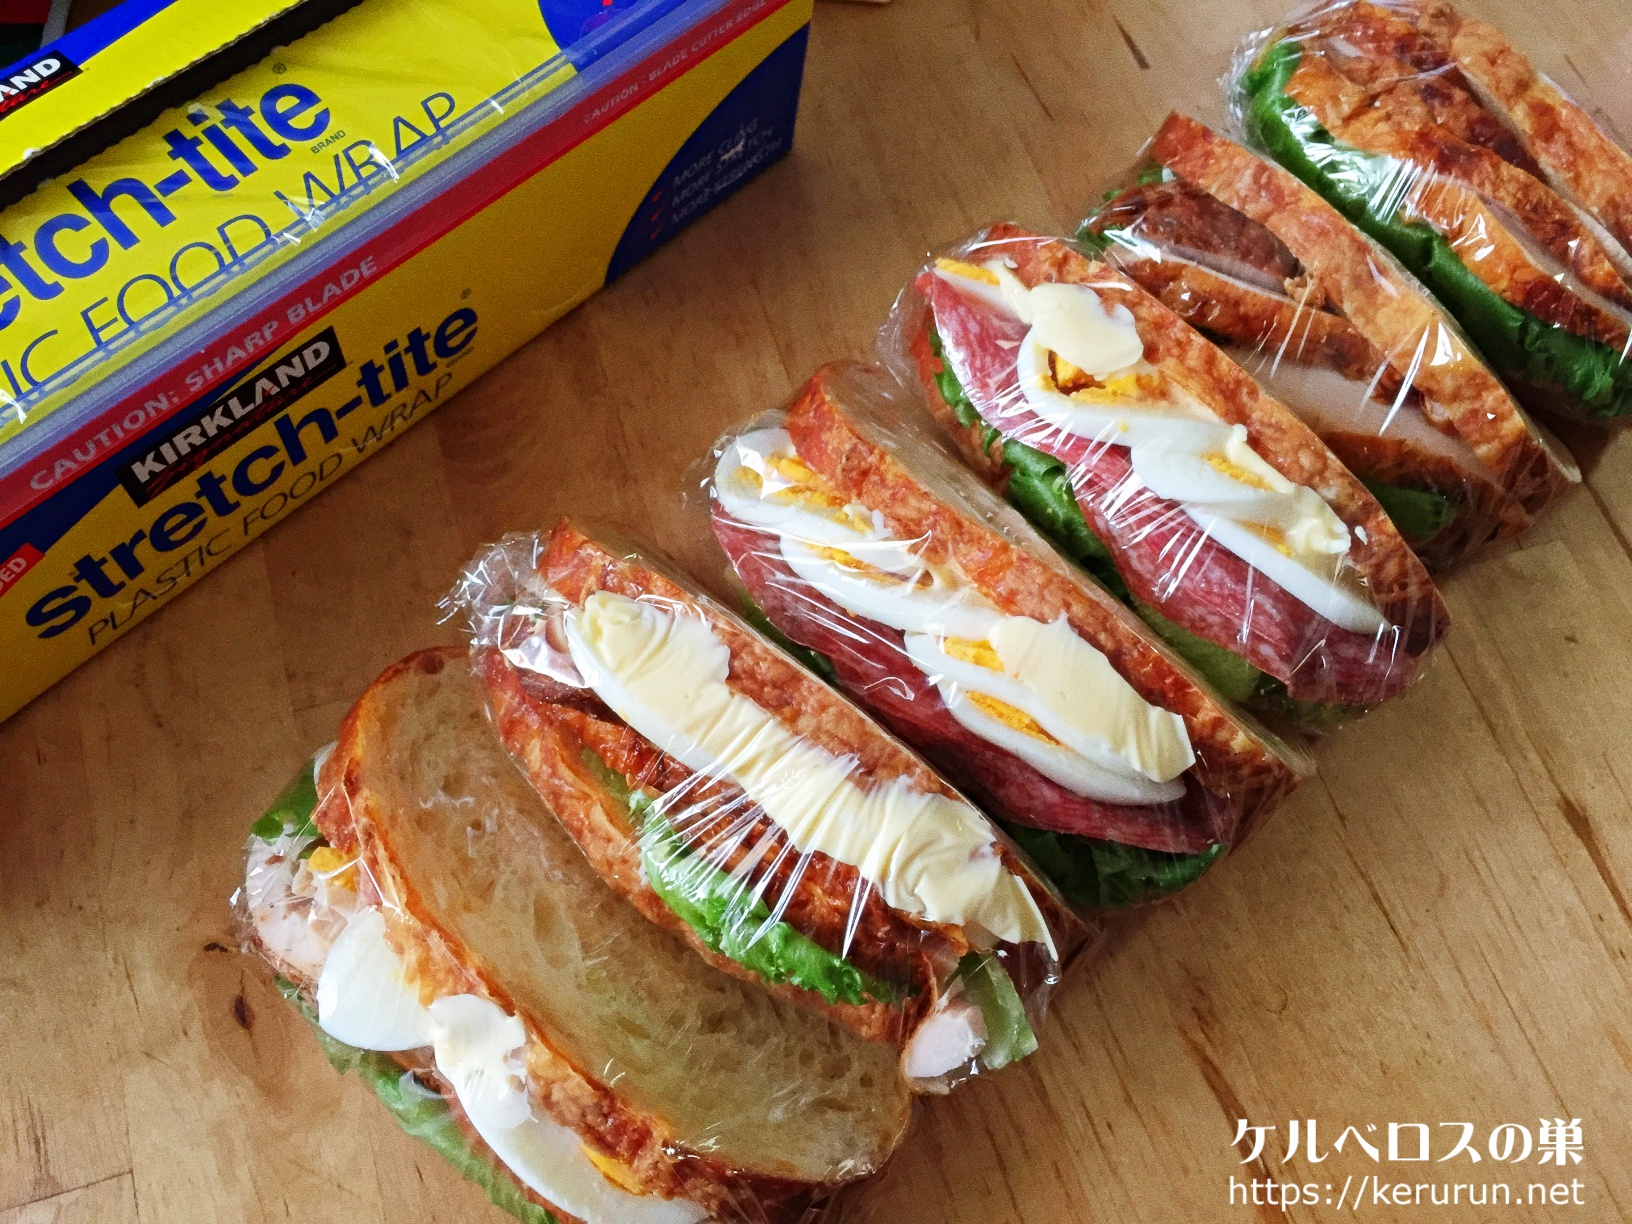 コストコのカントリーフレンチチーズブレッドで作るサンドイッチ弁当